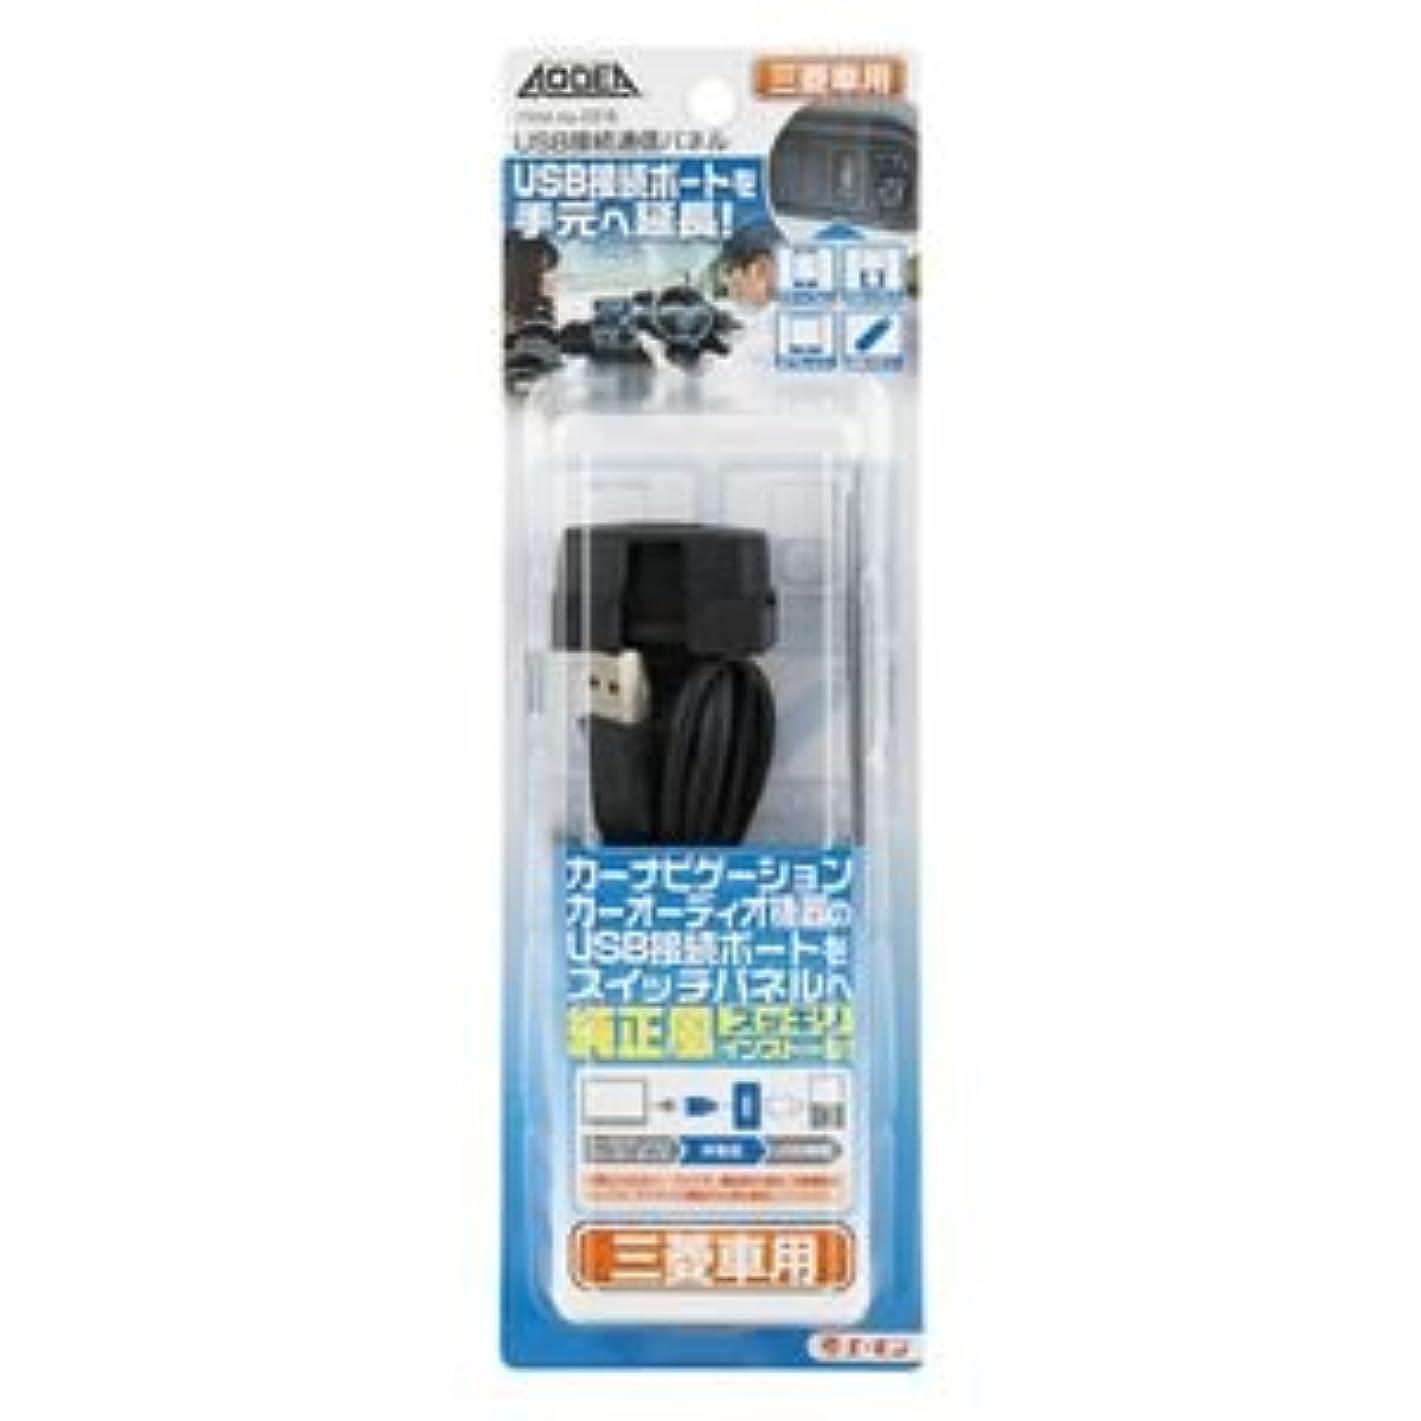 ペフ出会いリファイン(まとめ) USB接続通信パネル(三菱車用) 2316 【×2セット】